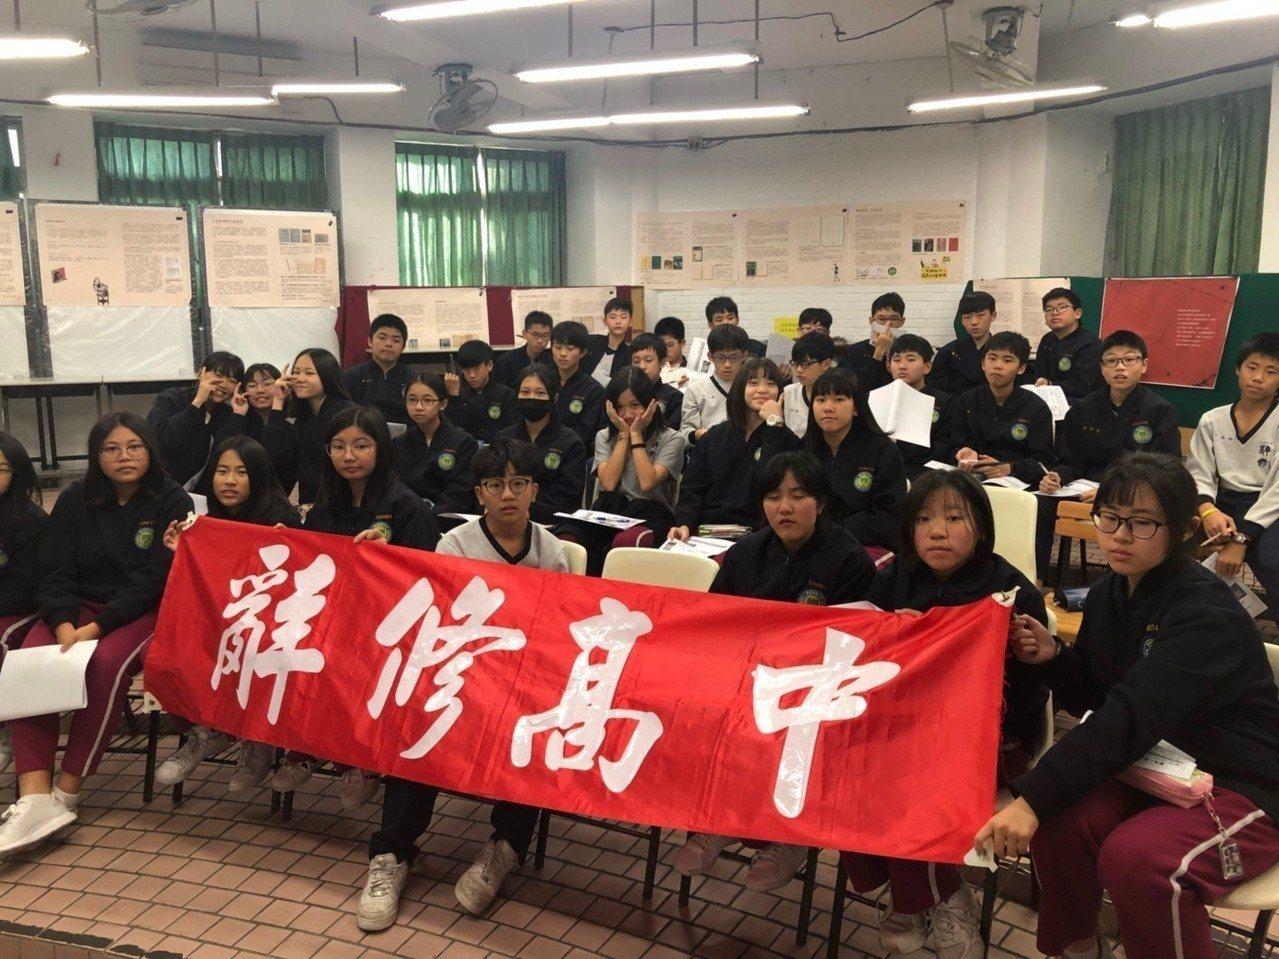 新北辭修中學「寫信馬拉松」一人一信改變世界。圖/辭修中學提供